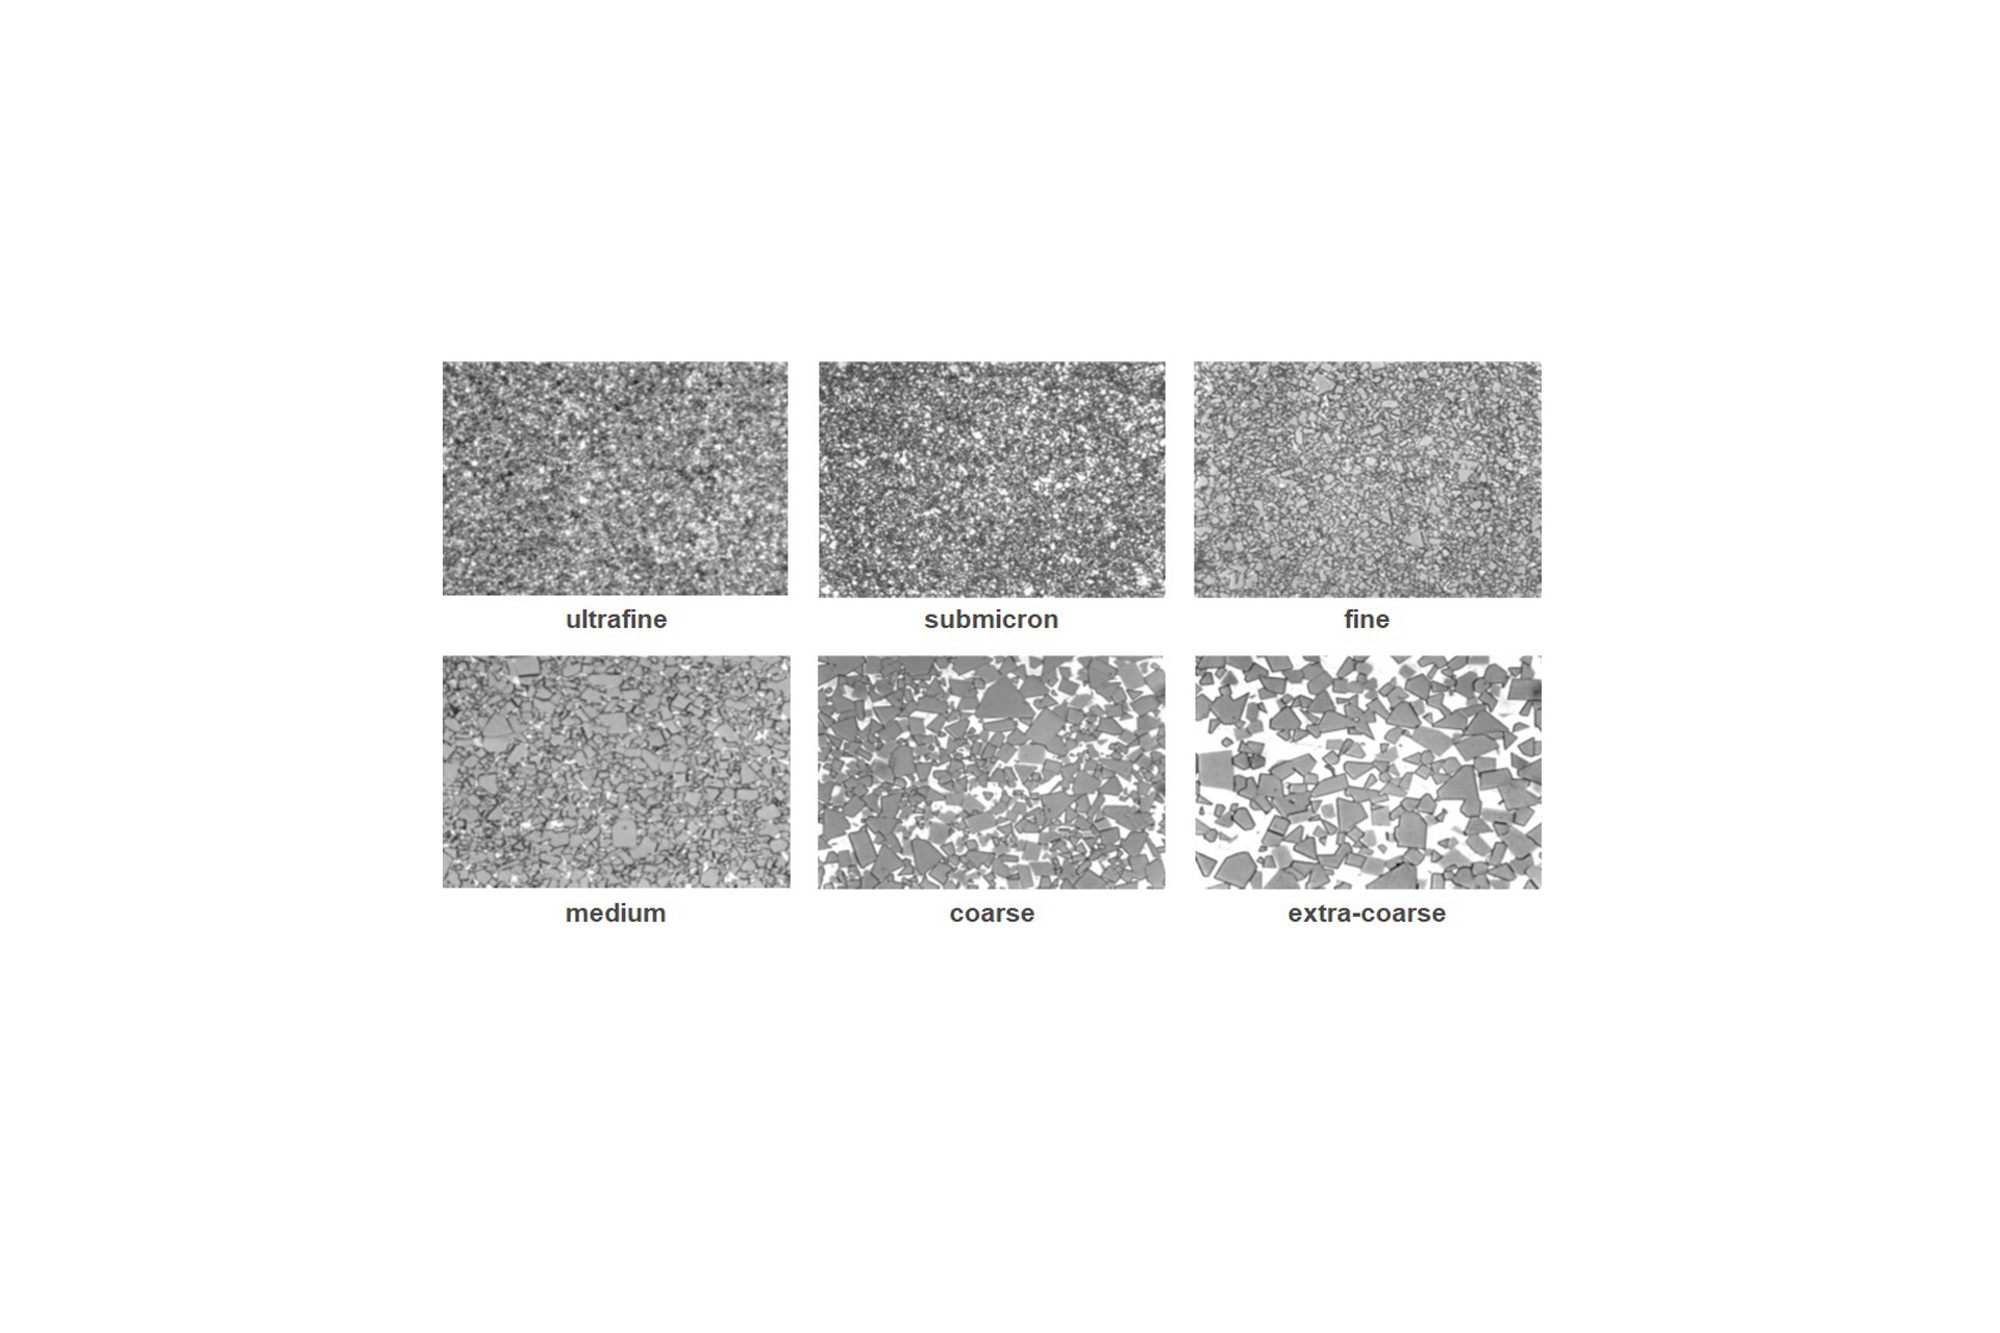 Comparison of grain sizes